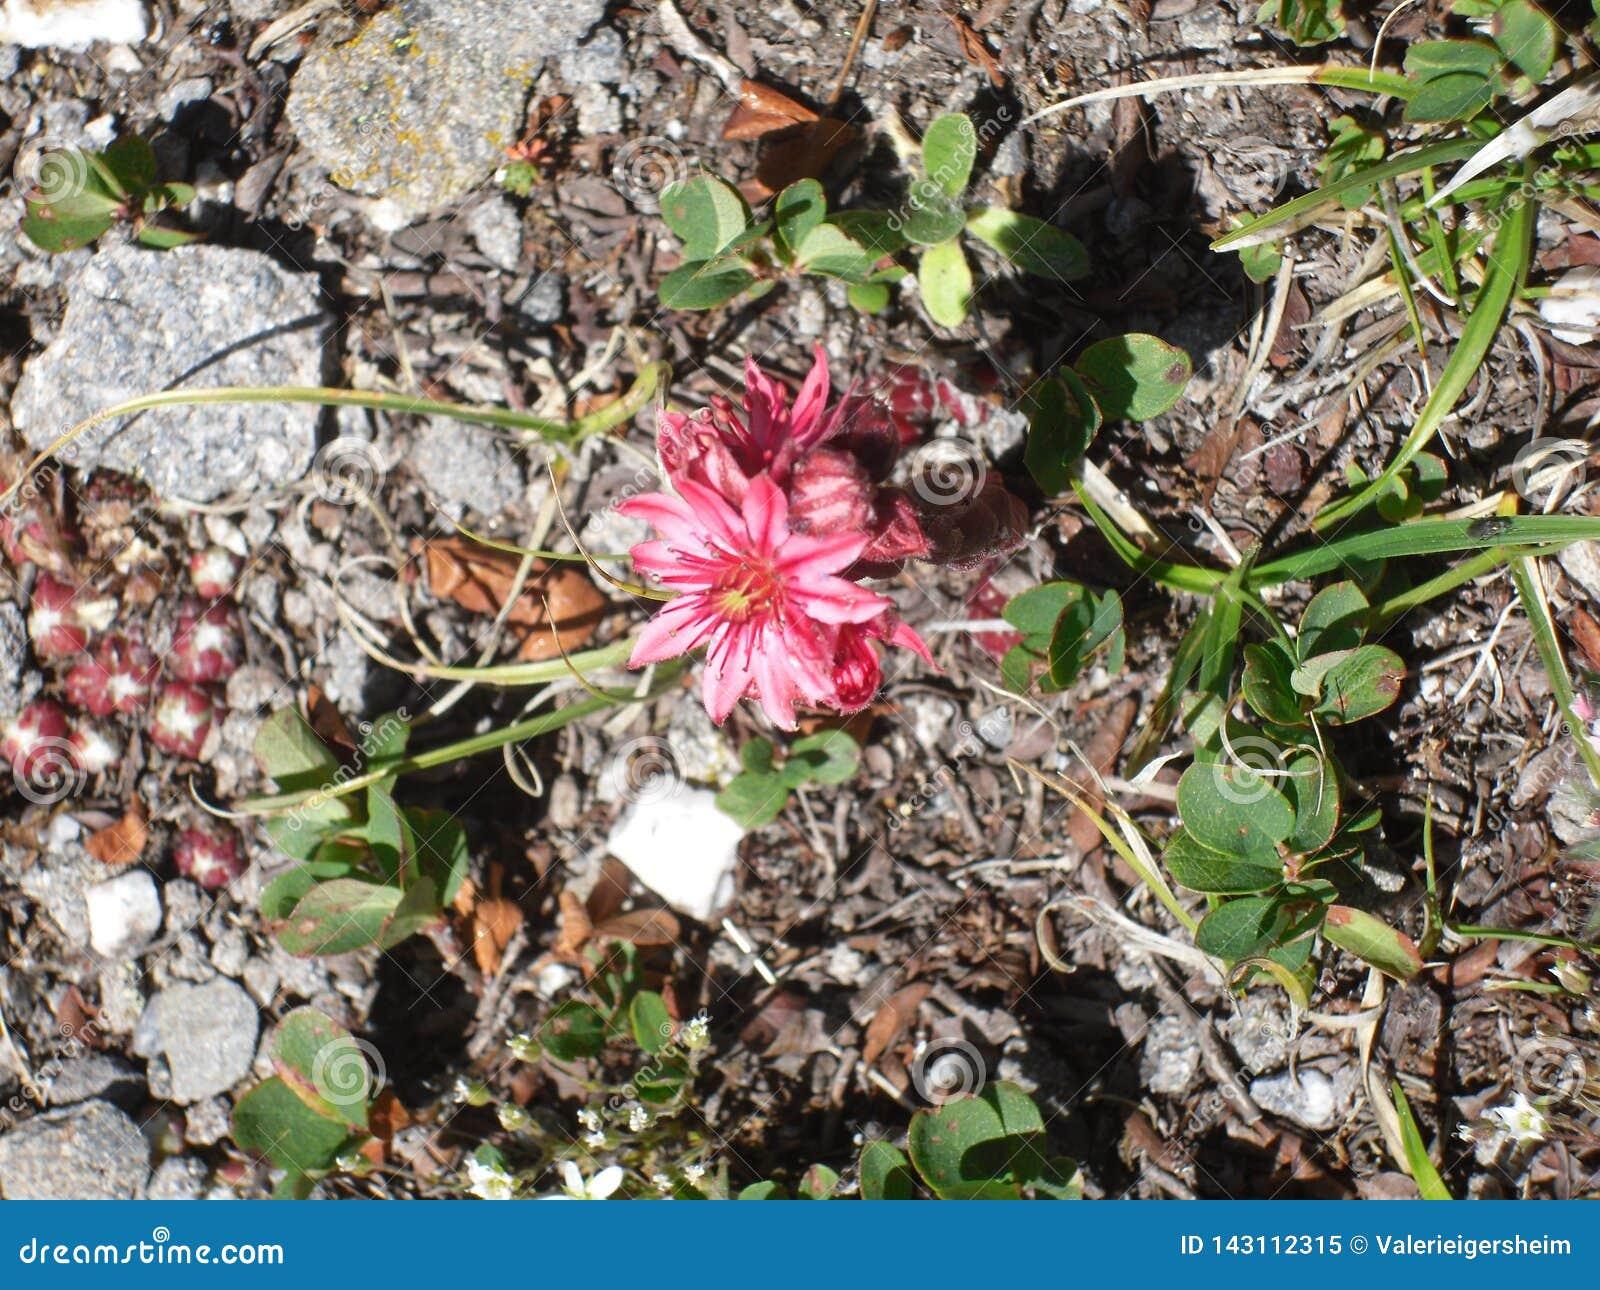 Gebirgsflora in den französischen Alpen